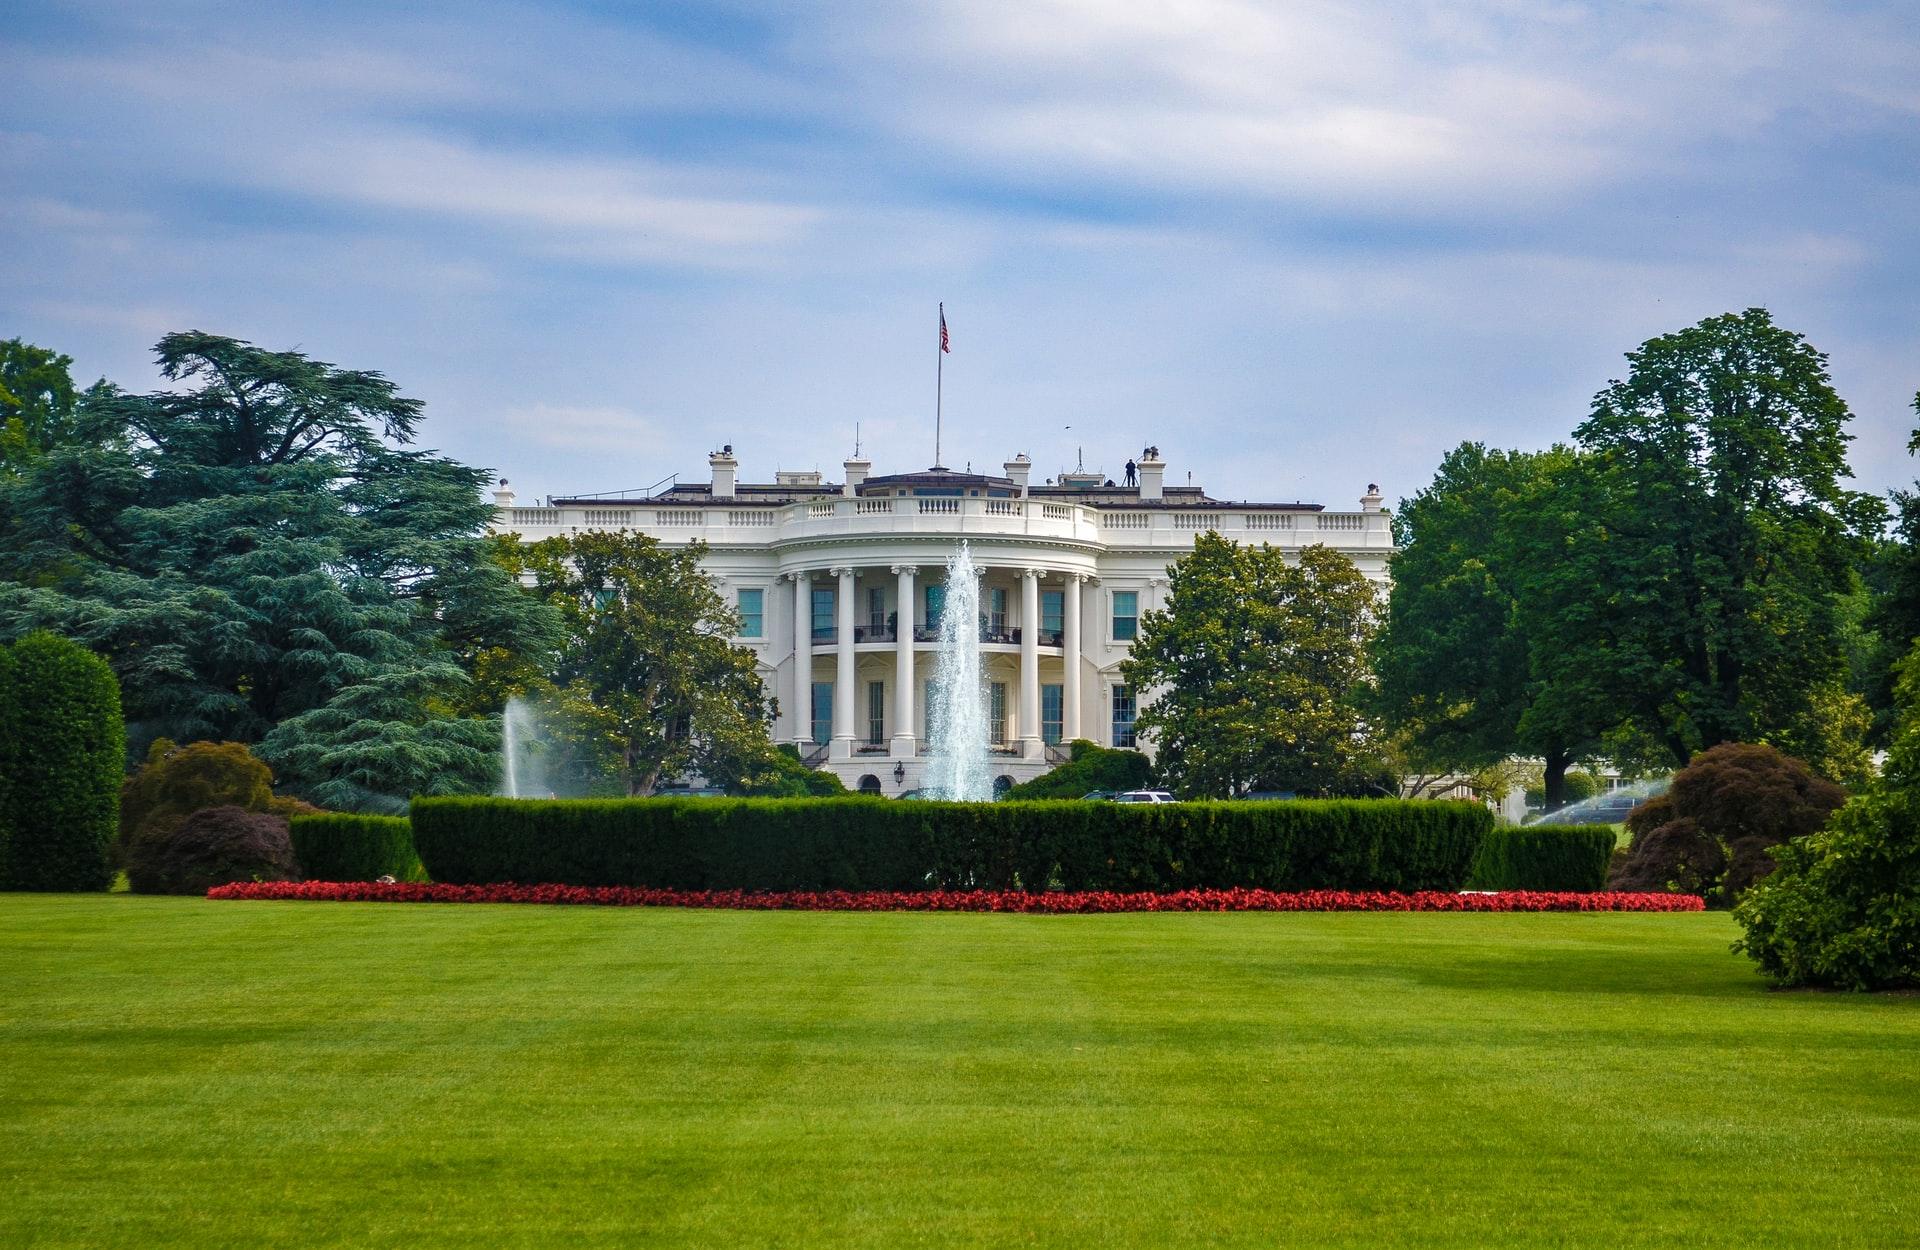 TESTE: Onde estudaram os presidentes dos EUA?